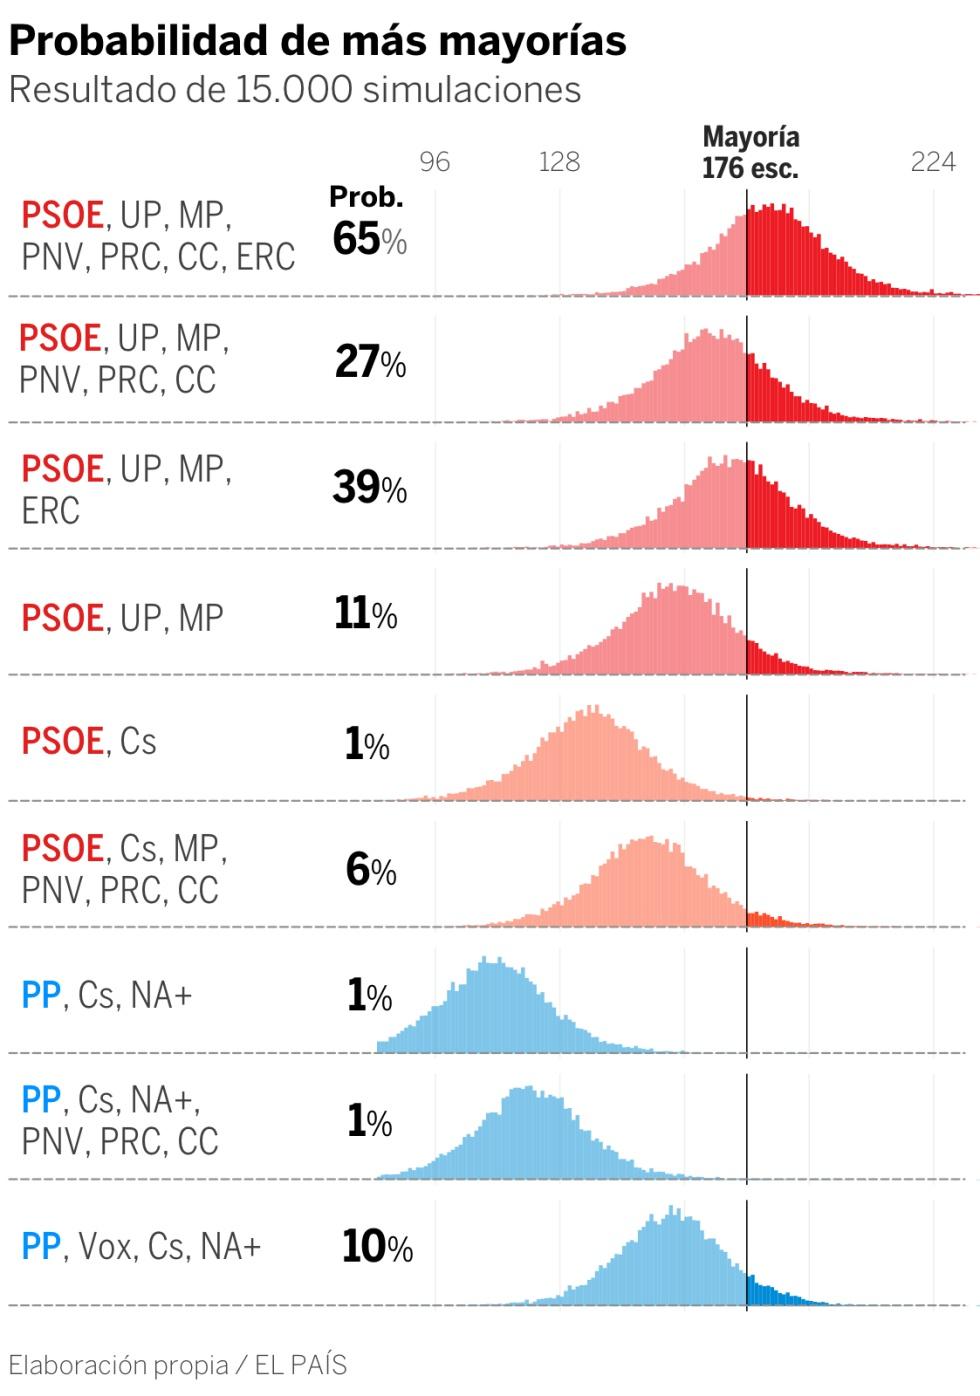 Quién va a ganar las elecciones, según las encuestas